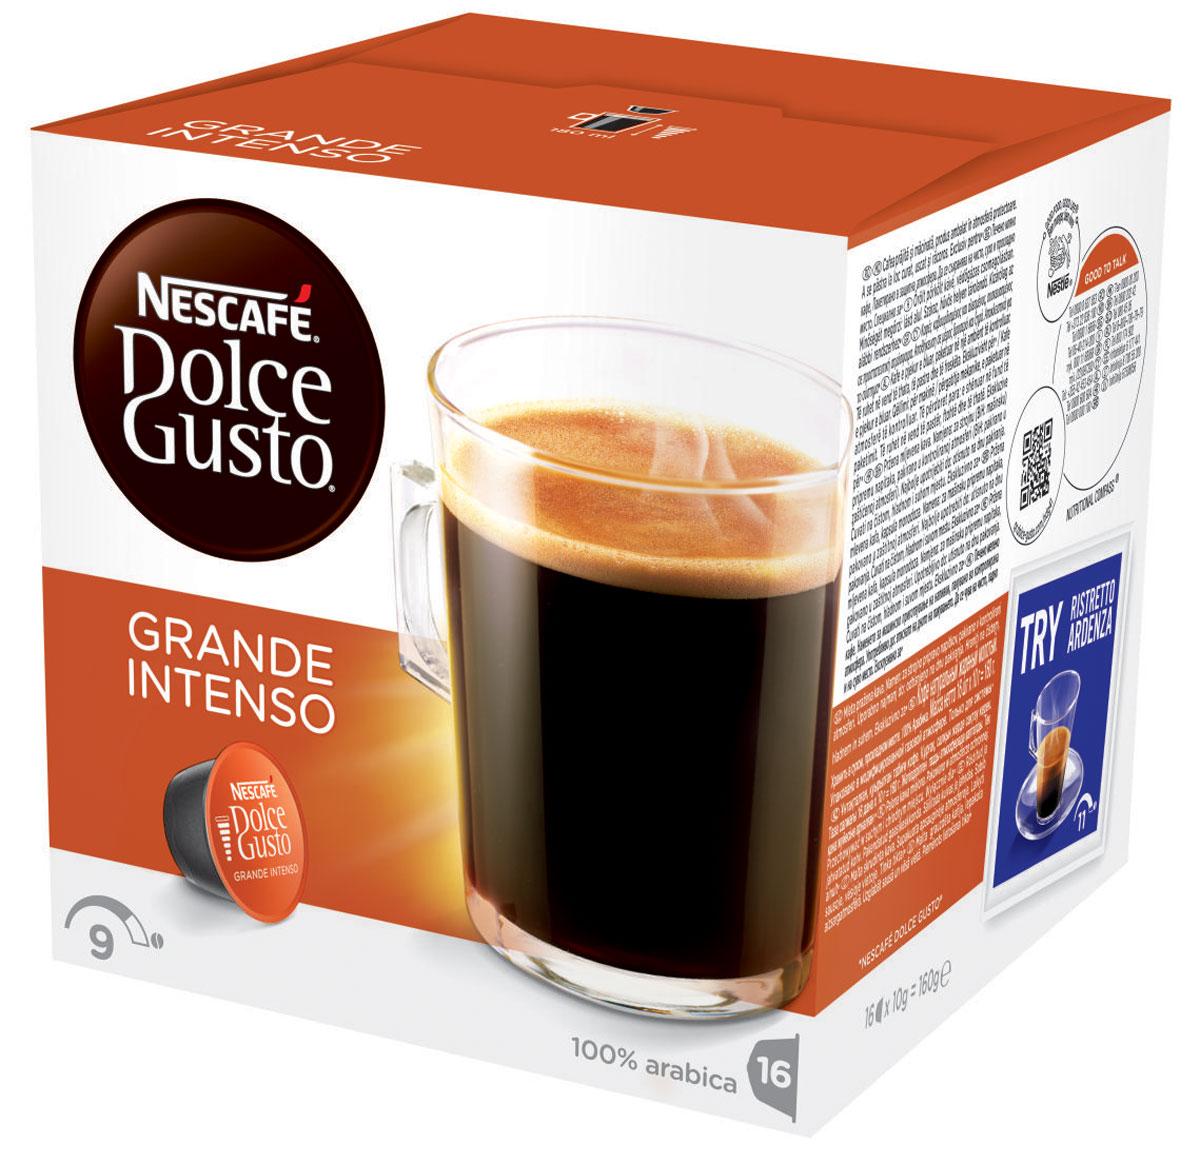 Nescafe Dolce Gusto Grande Intenso кофе в капсулах, 16 шт12128828Grande Intenso абсолютно соответствует названию – классический гранде с более насыщенной горчинкой. Приготовленный из зерен Арабики, изысканно контрастный и полноценный – этот хорошо сбалансированный, но никогда не слишком крепкий напиток создан для приготовления в кофемашине Nescafe Dolce Gusto.Слой ароматной пенки, словно последний штрих, создает простой на вид гранде со сложным вкусом. Изготовленный из 100% зерен Арабики, он великолепно подходит для завтрака, или как основной напиток для посиделок, или для спокойного времяпрепровождения в одиночестве. Будет ли это первая чашка кофе с утра или в любое время в течение дня, капсульный кофе гранде Intenso всегда бьет в цель. Нет необходимости идти в кофейню, чтобы насладиться этим великолепным вкусом.